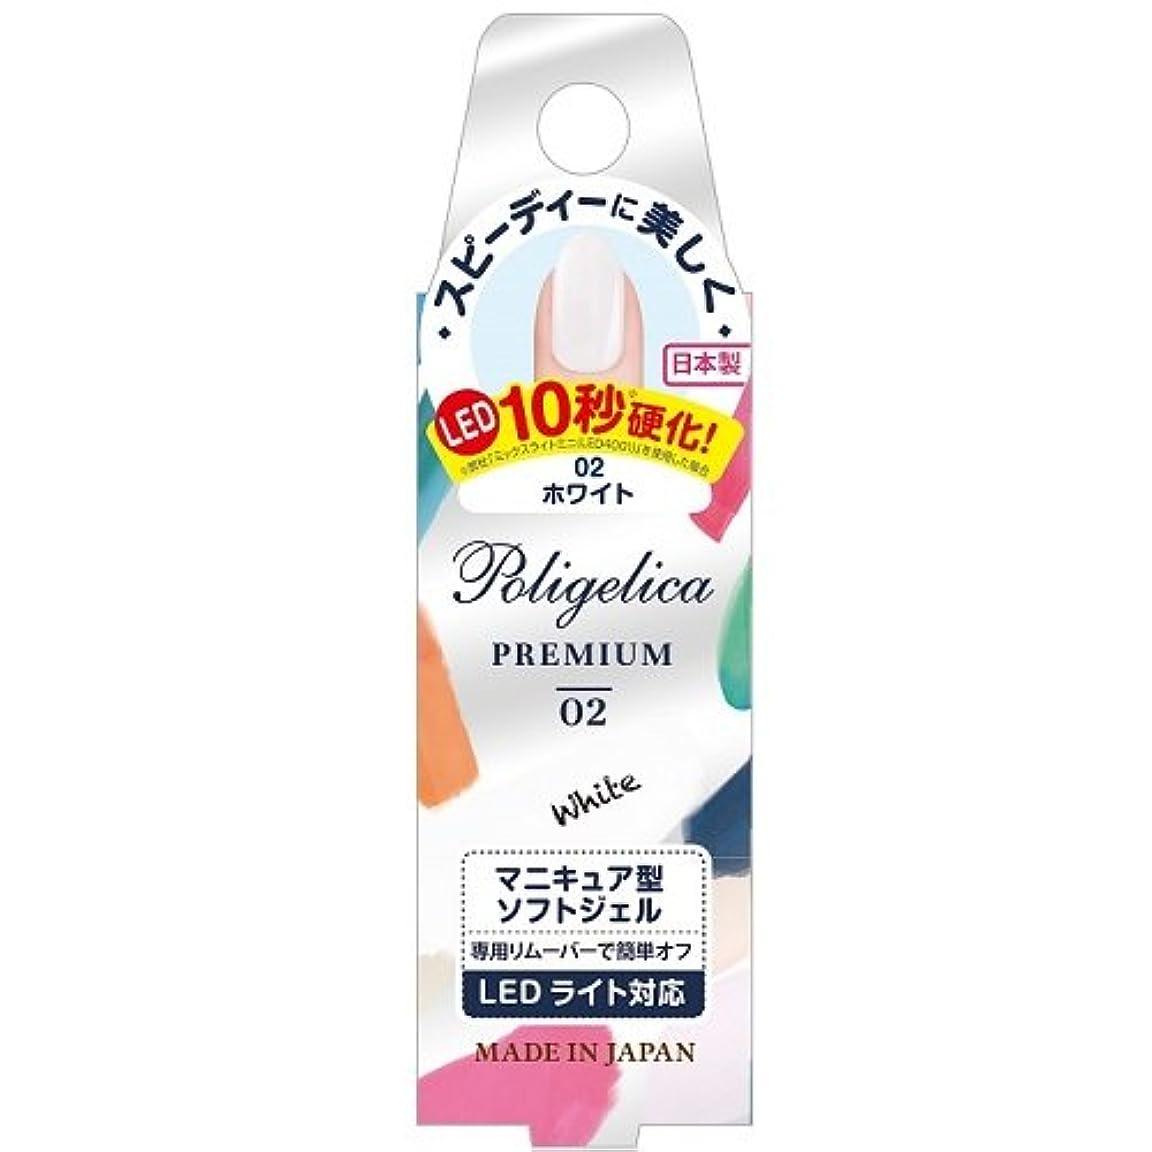 残る精緻化眠りBW ポリジェリカプレミアム カラージェル 1002/ホワイト (6g)